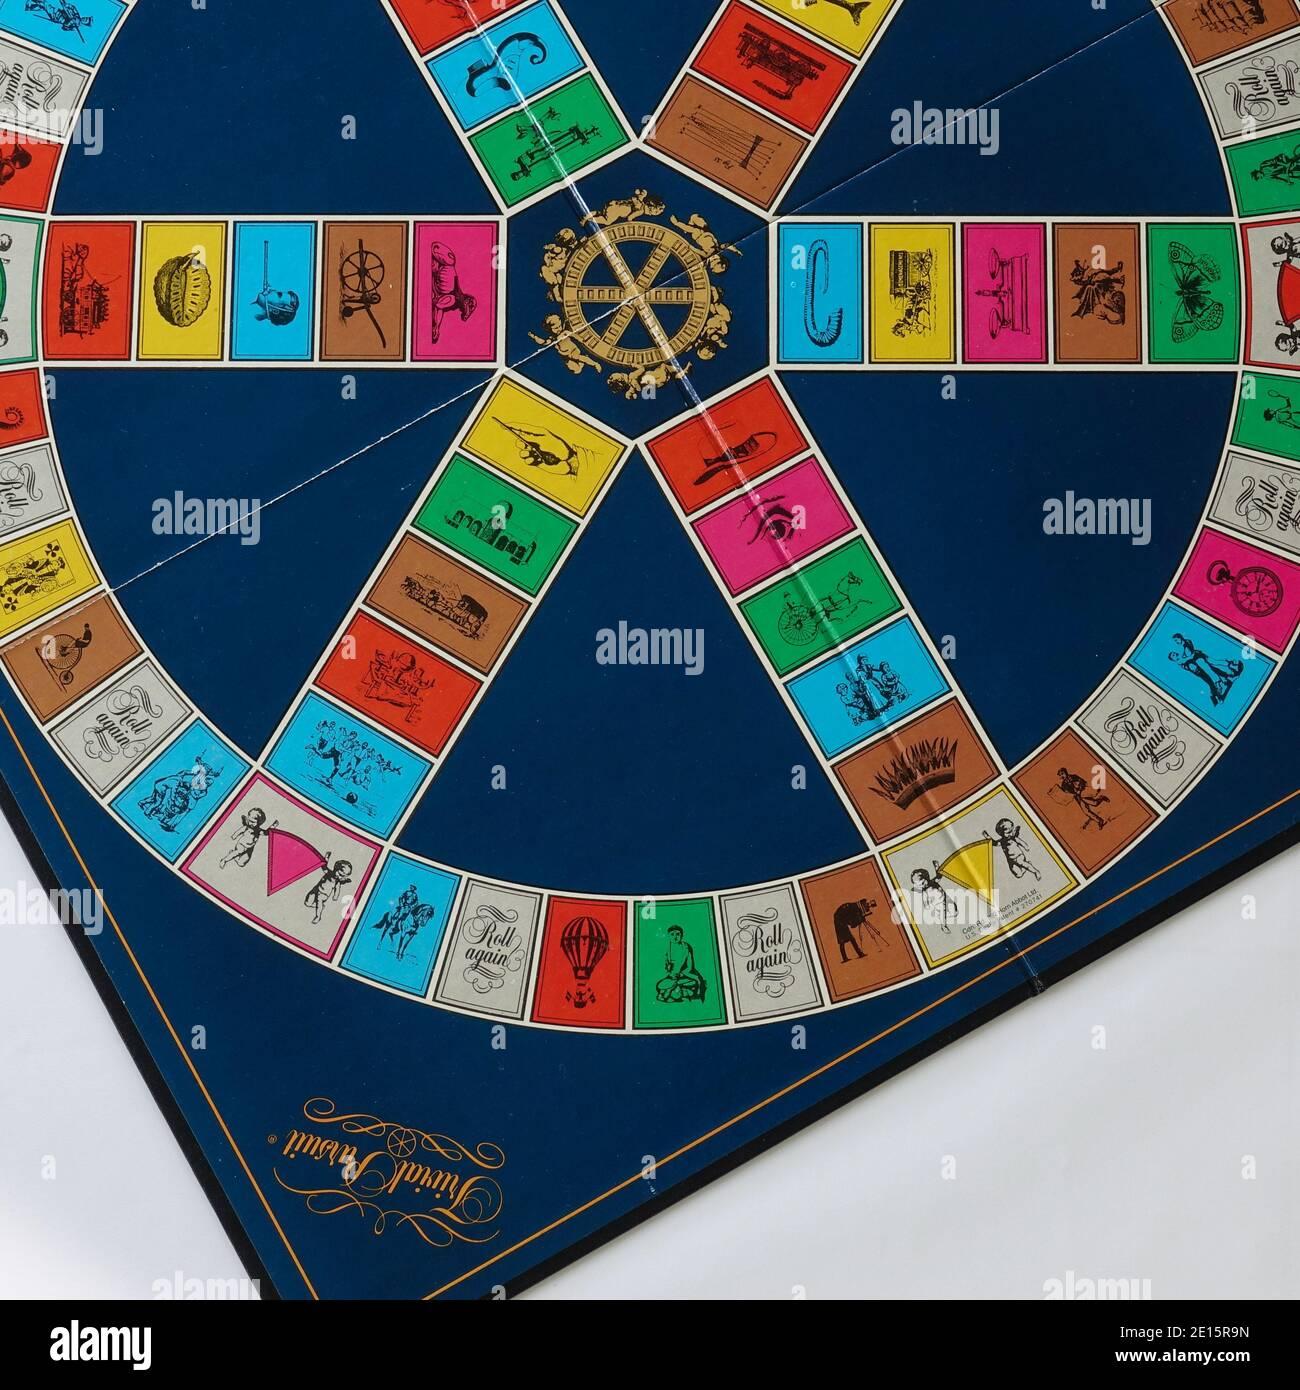 Orlando, FL USA - 12. Februar 2020: Trivial Pursuit Spiel eingerichtet, um zu spielen, das ein Brettspiel ist, wo das Gewinnen durch die Fähigkeit eines Spielers zu einem bestimmt wird Stockfoto